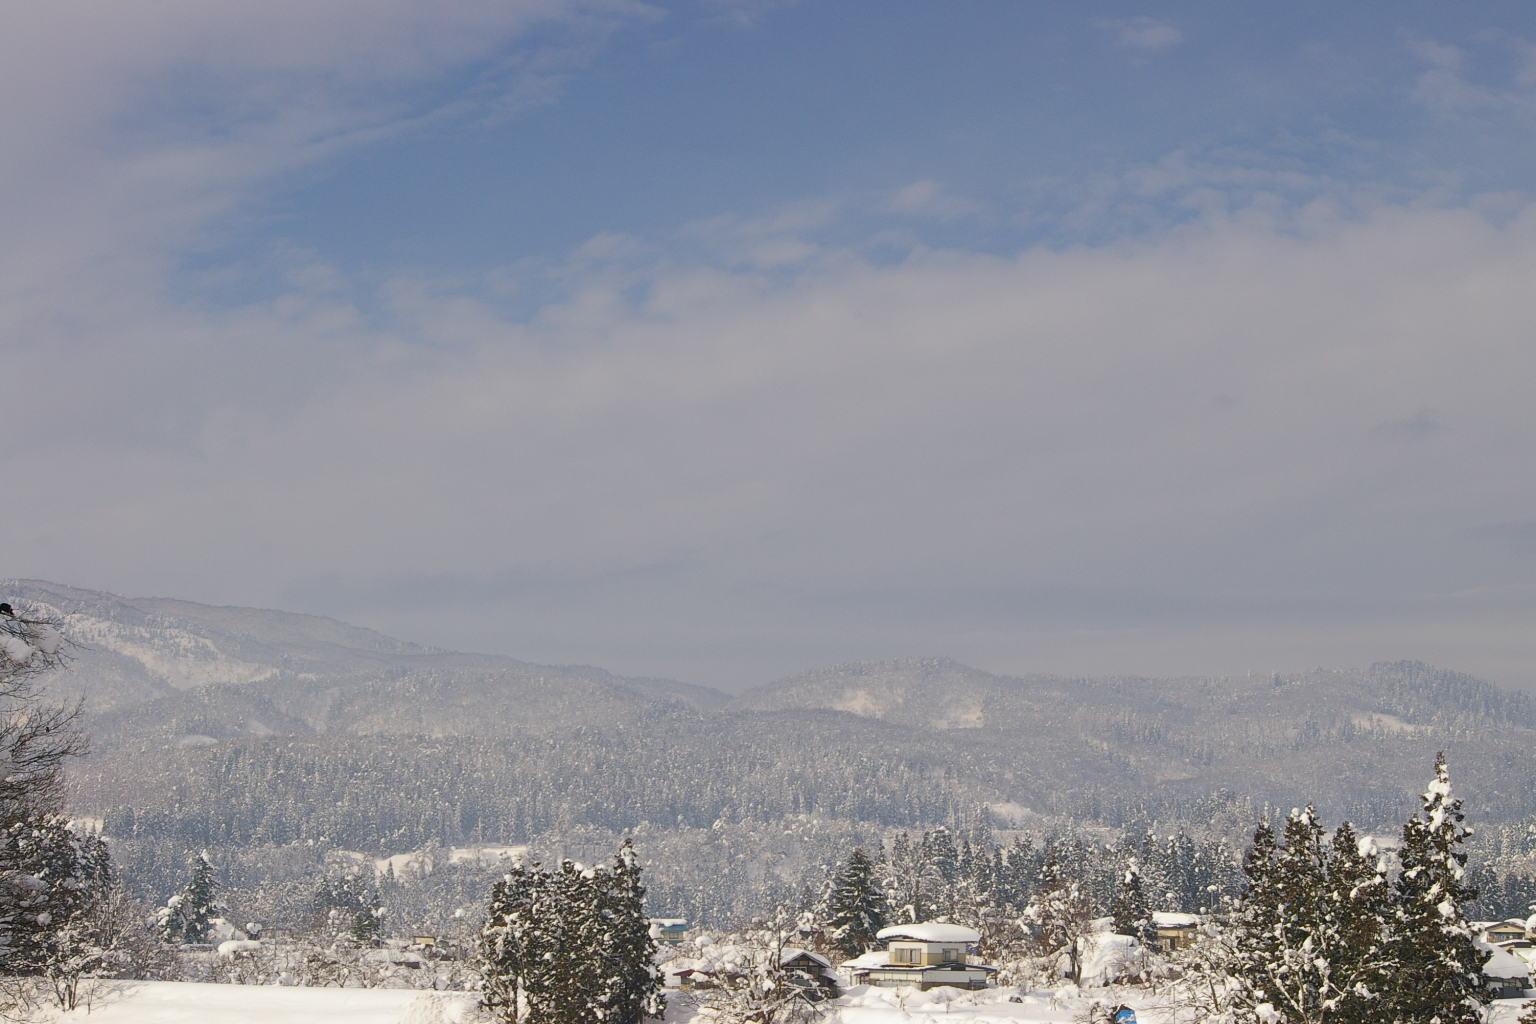 年末からの大雪で、ここ村山の地はすっかりと雪の里の状態です。